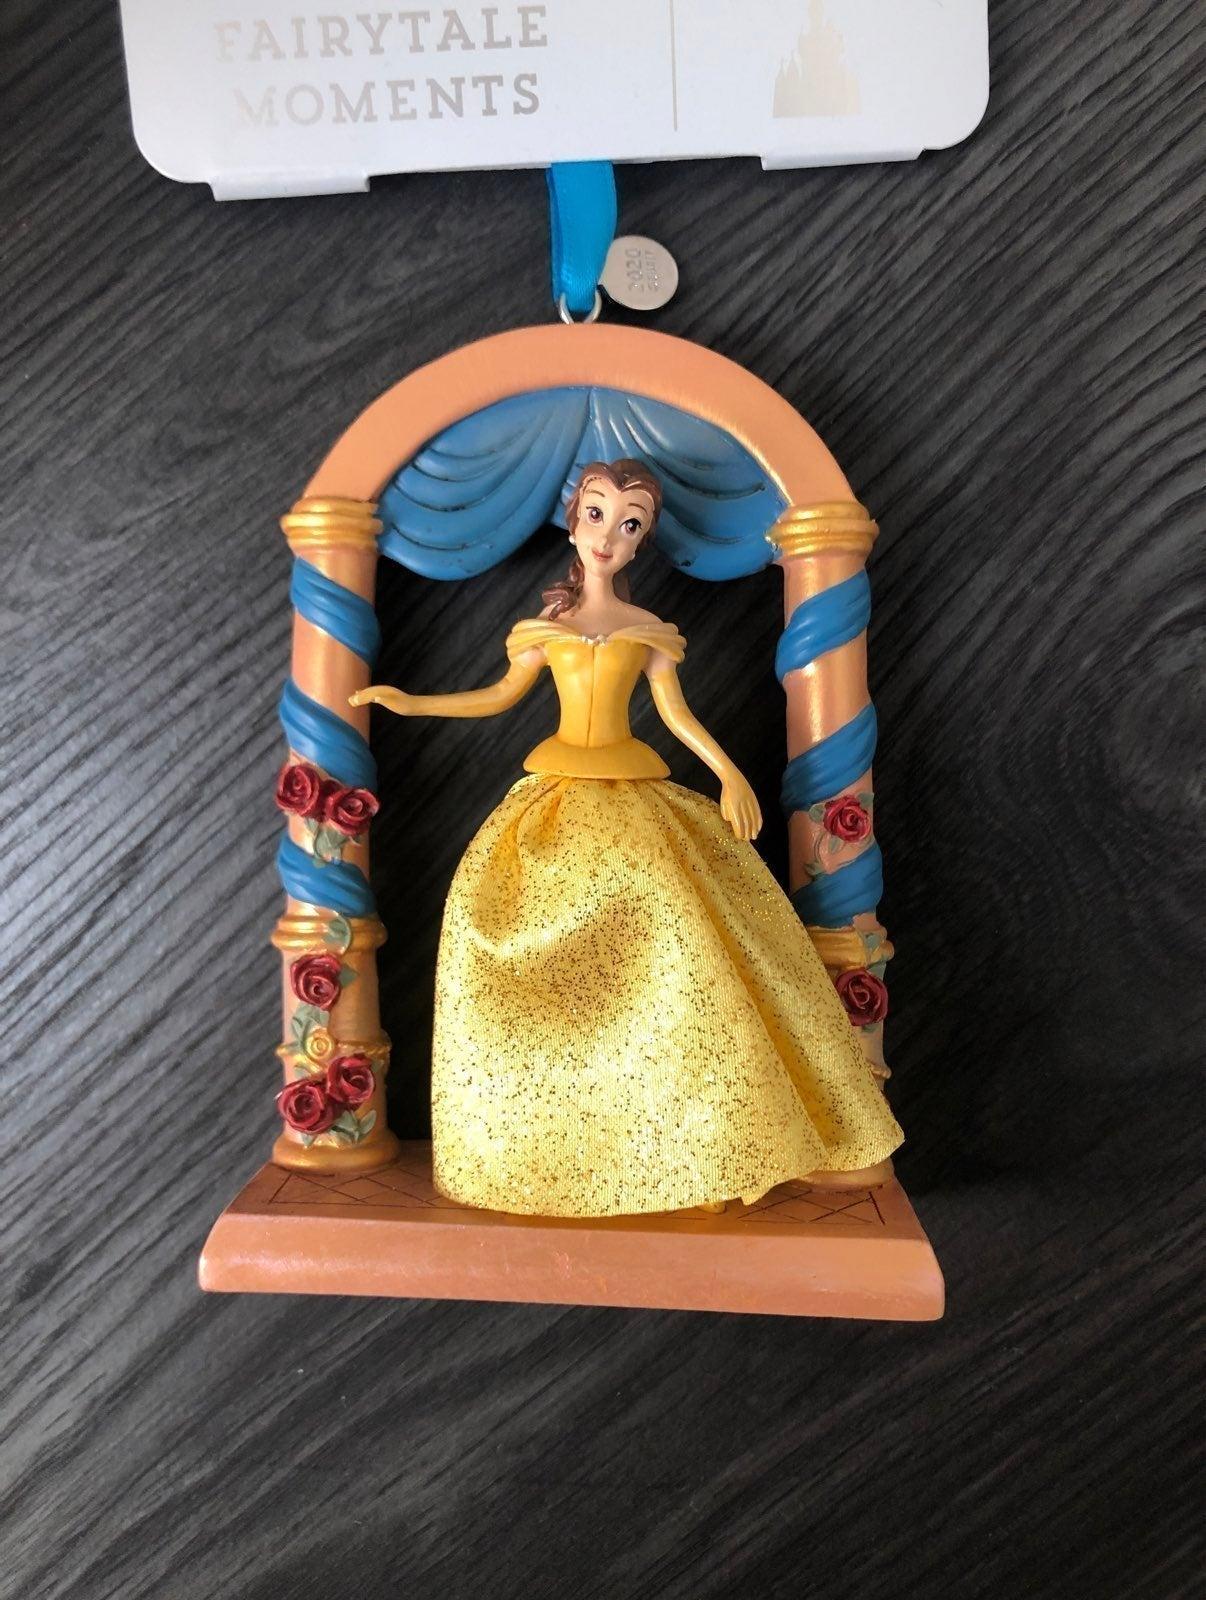 Disney 2020 sketchbook Belle Ornament